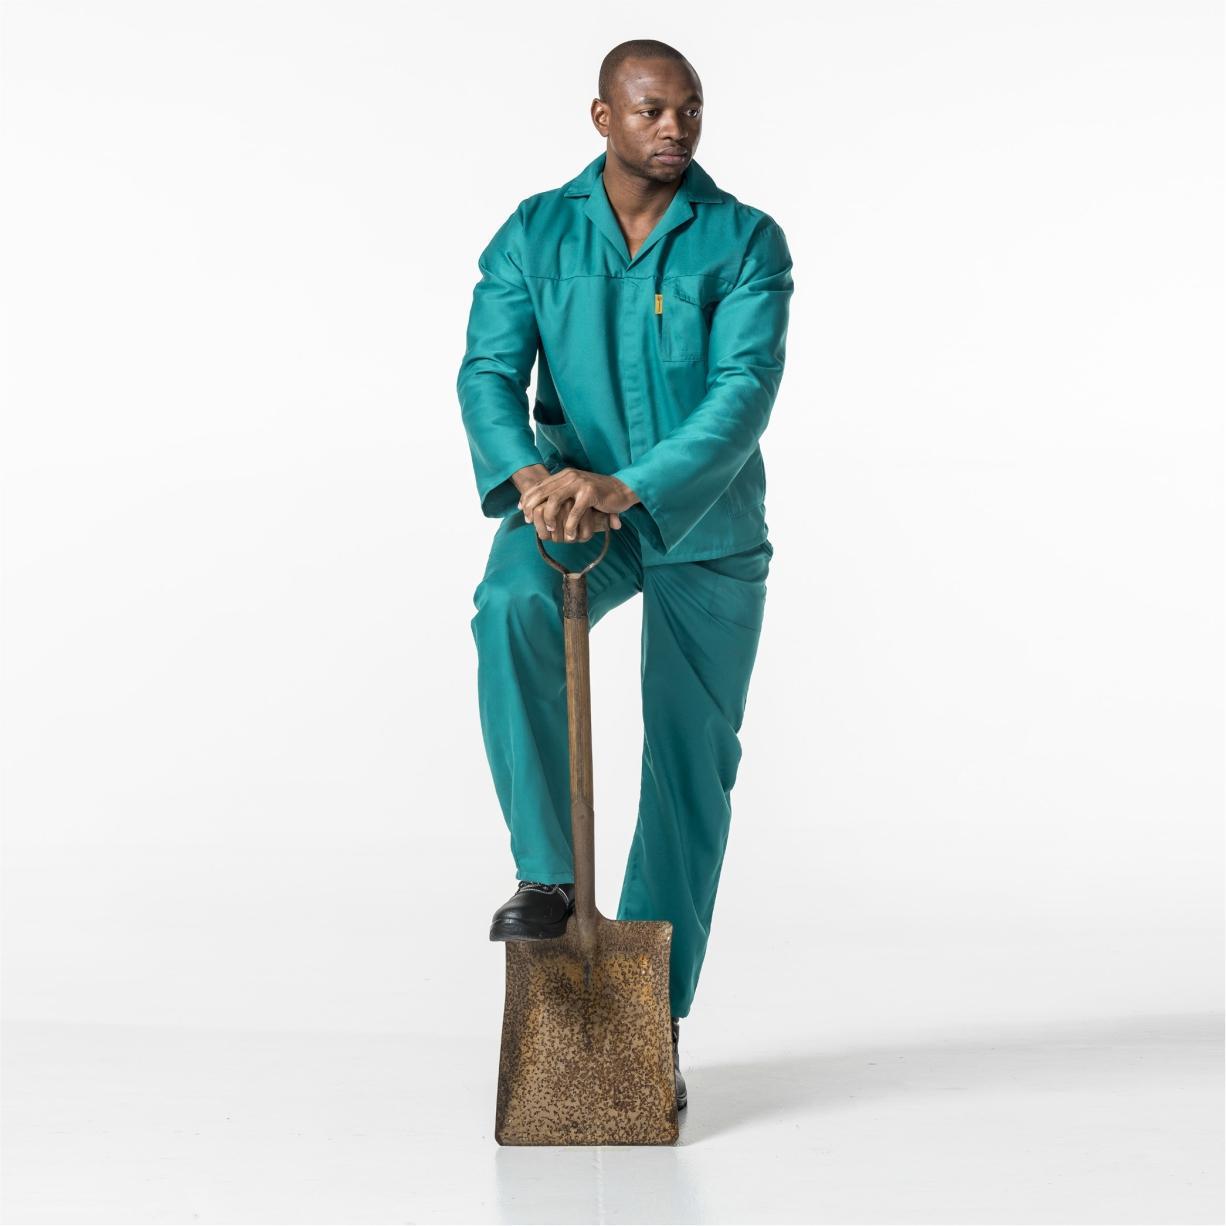 Dromex Colours Xx Conti Suit, Sizes 30 To 44